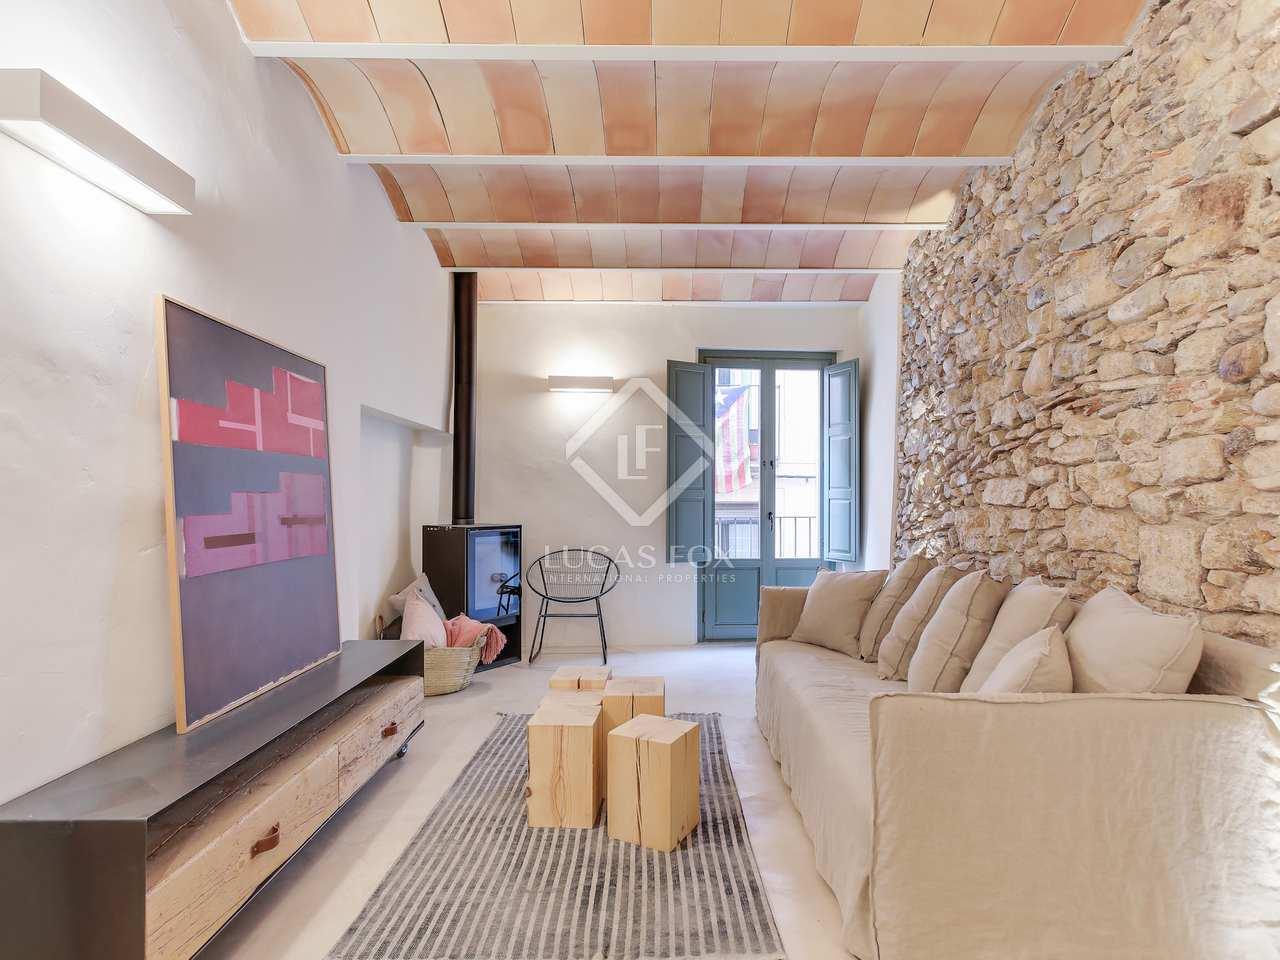 Villa de 154m en venta en girona - Interiorista girona ...